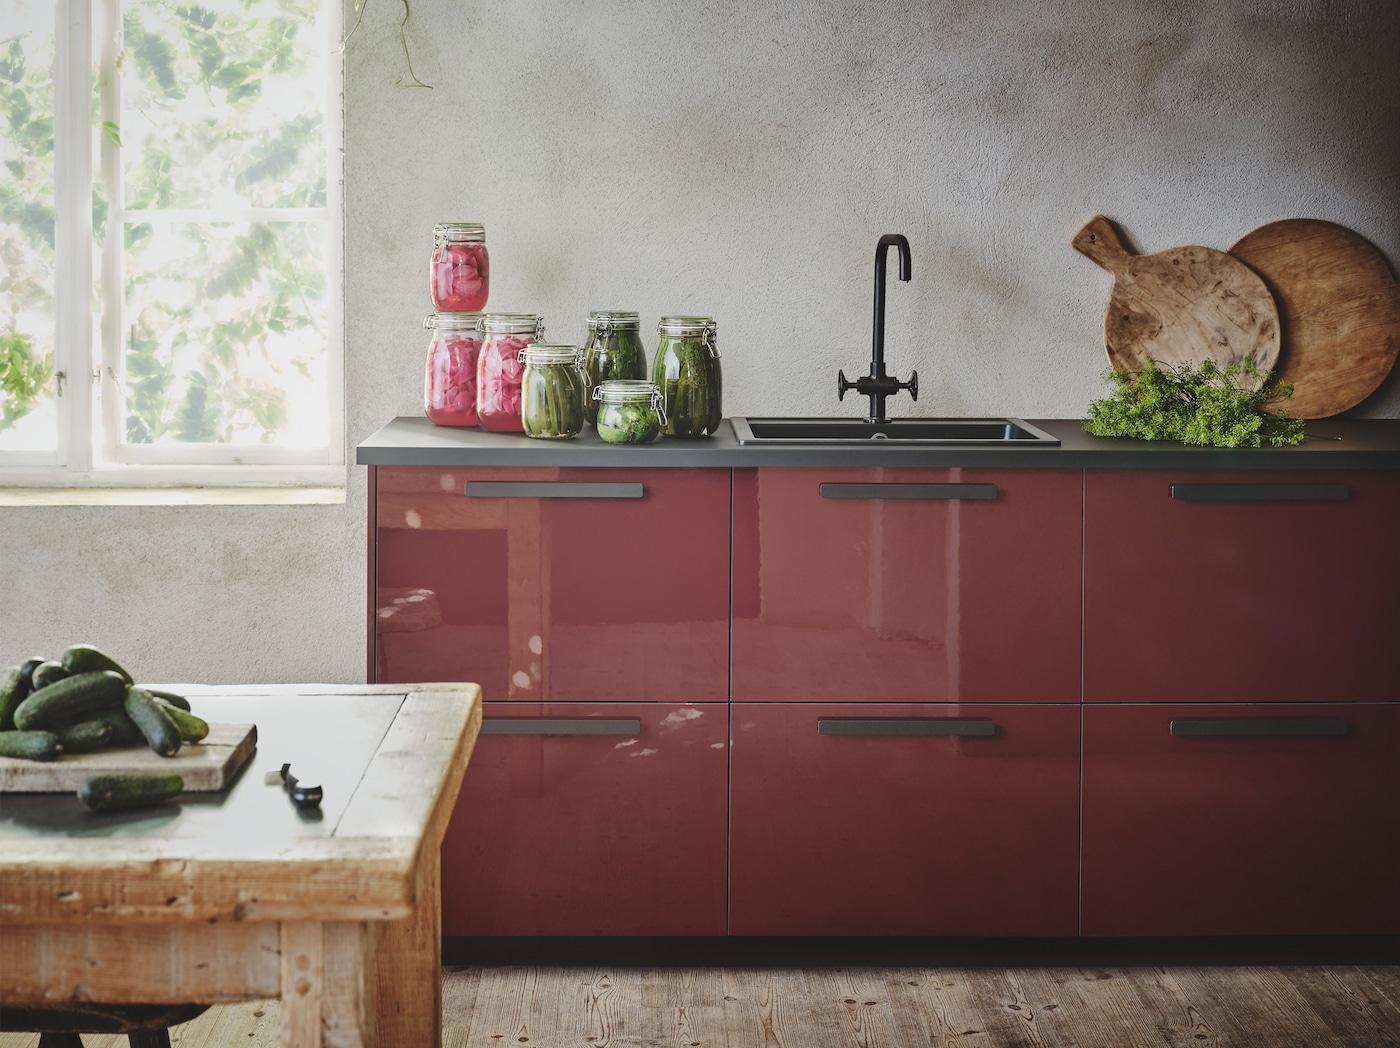 Un mueble de cocina de color marrón rojizo oscuro brillante con encimeras, tiradores y fregadero de color negro en una estancia rústica con paredes con textura de color gris.